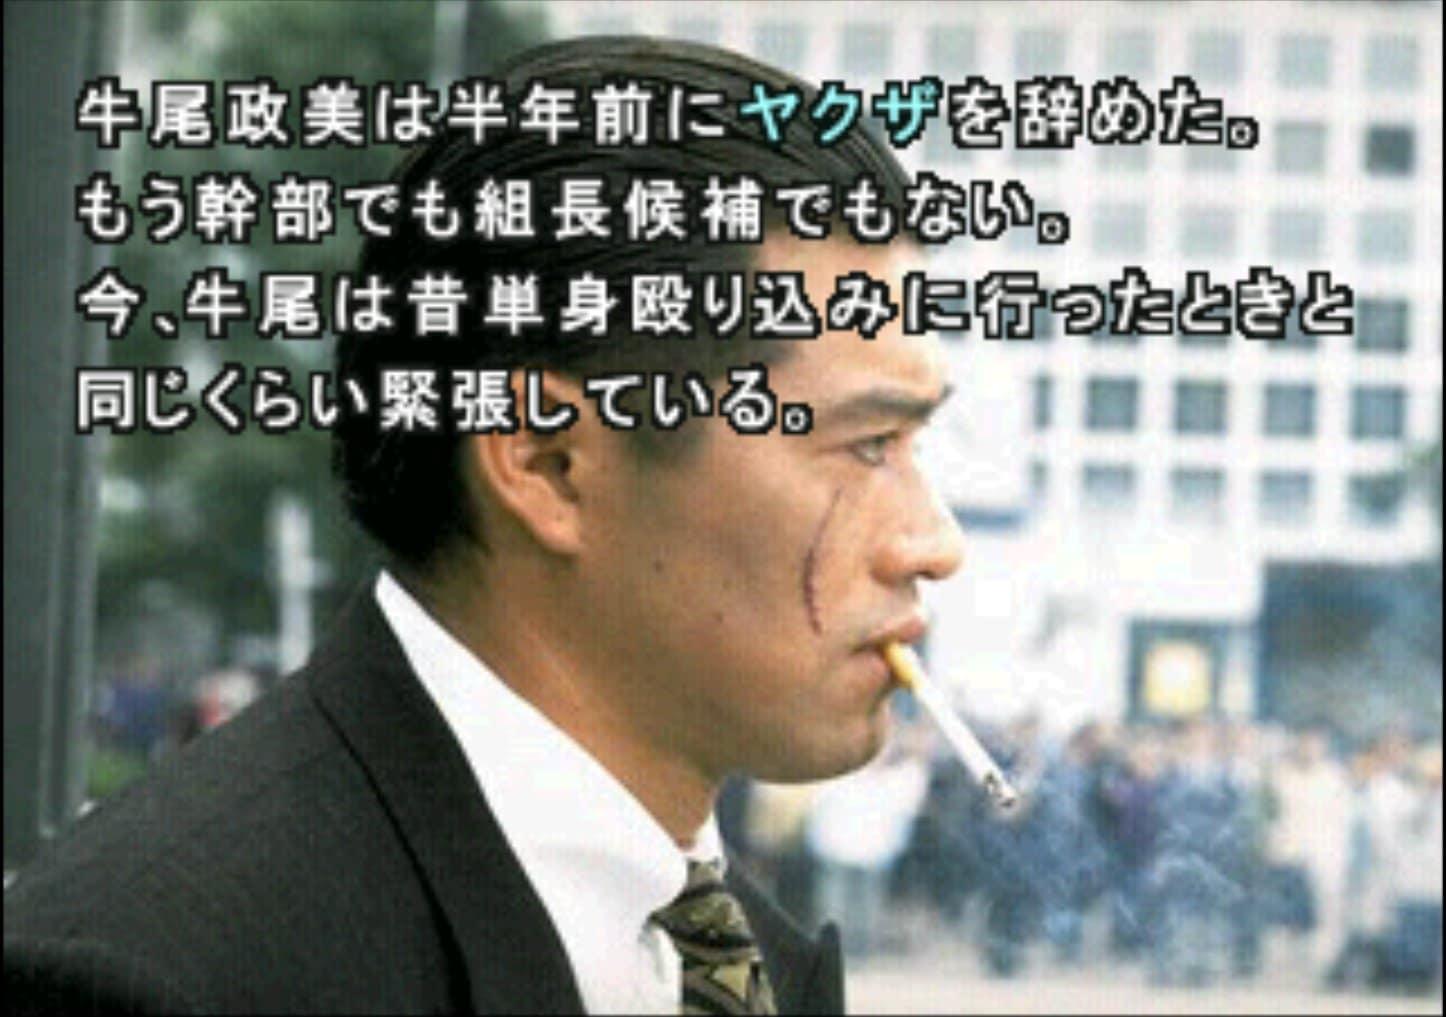 無名時代の窪塚洋介さんも出演、伝説の実写ゲーム『街』の圧倒的見せ方【ヤマグチクエスト・コラム】の画像005